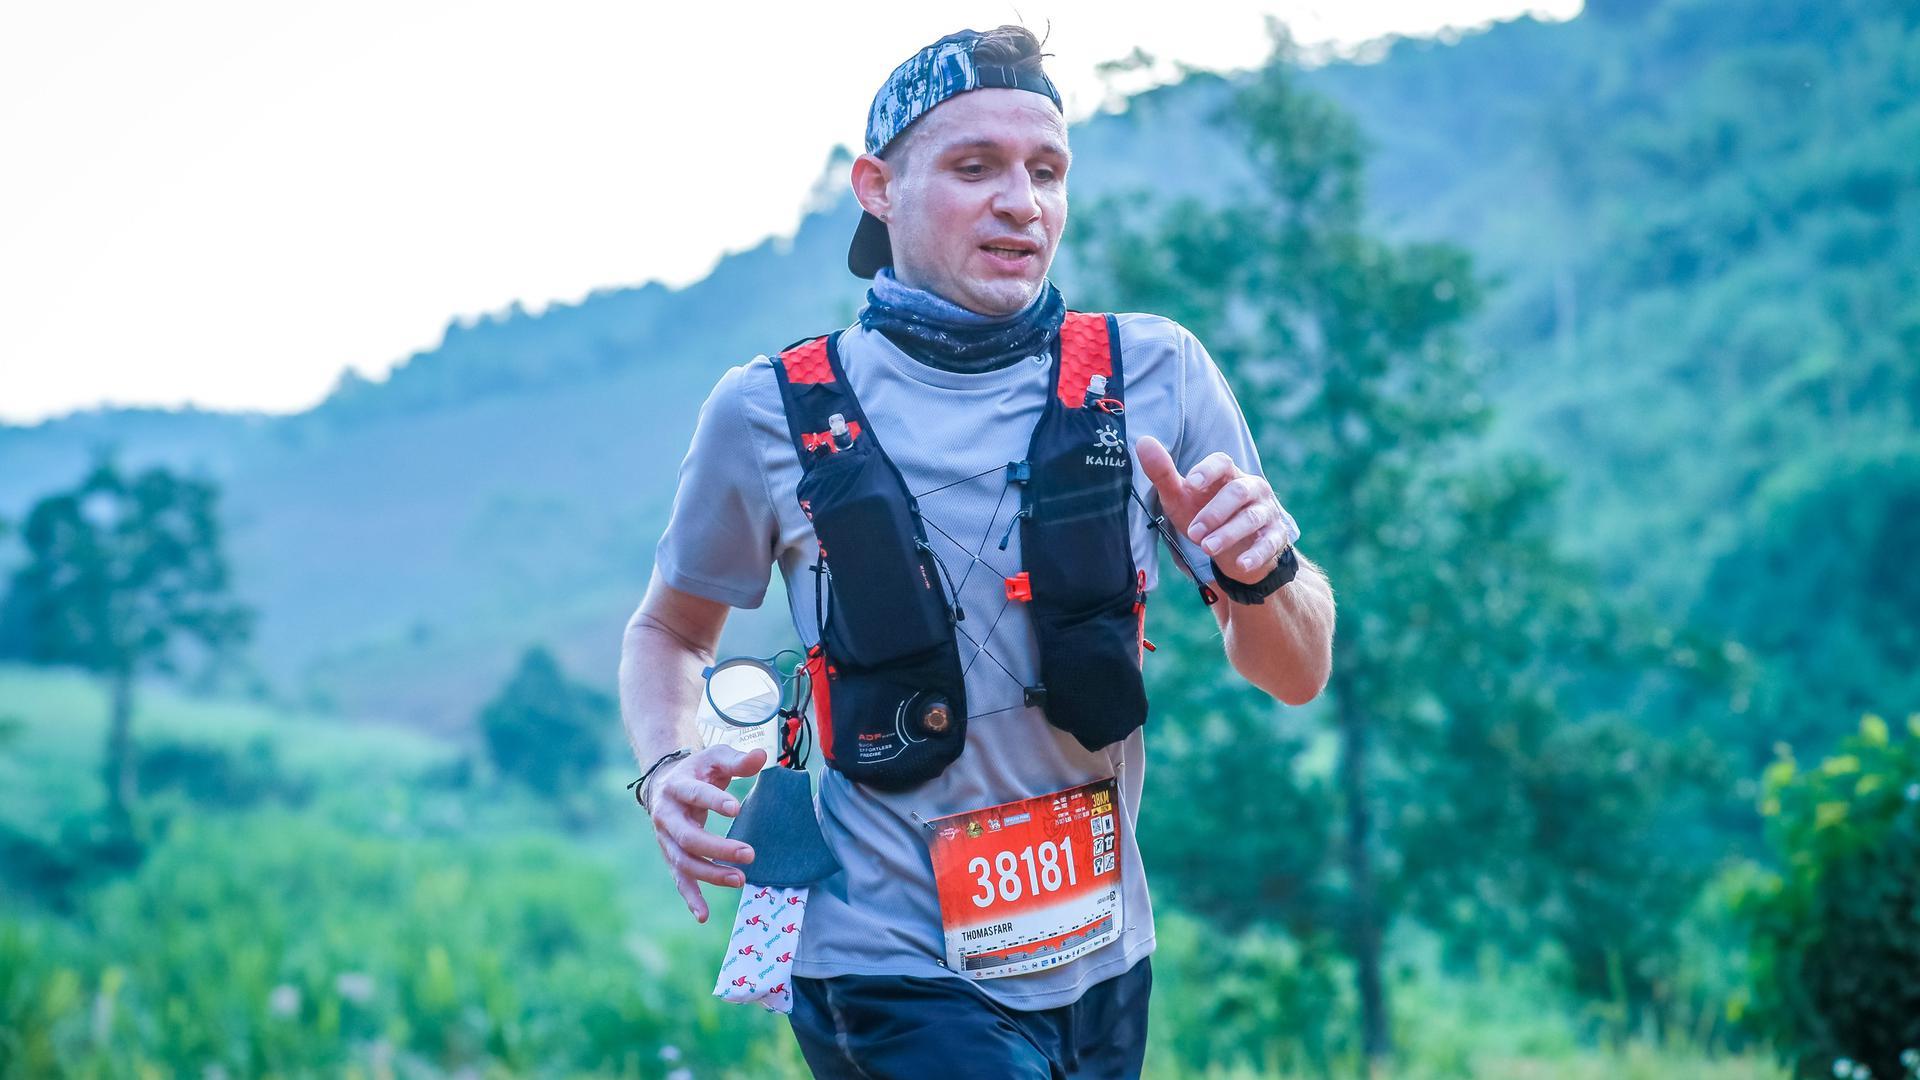 Bild von einem 38 Km Trail Run mit 1.200 Höhenmeter in Chiang Rai, Thailand. Das war im Oktober 2020. Platzierung 1. Platz Overall aller Altersklassen.